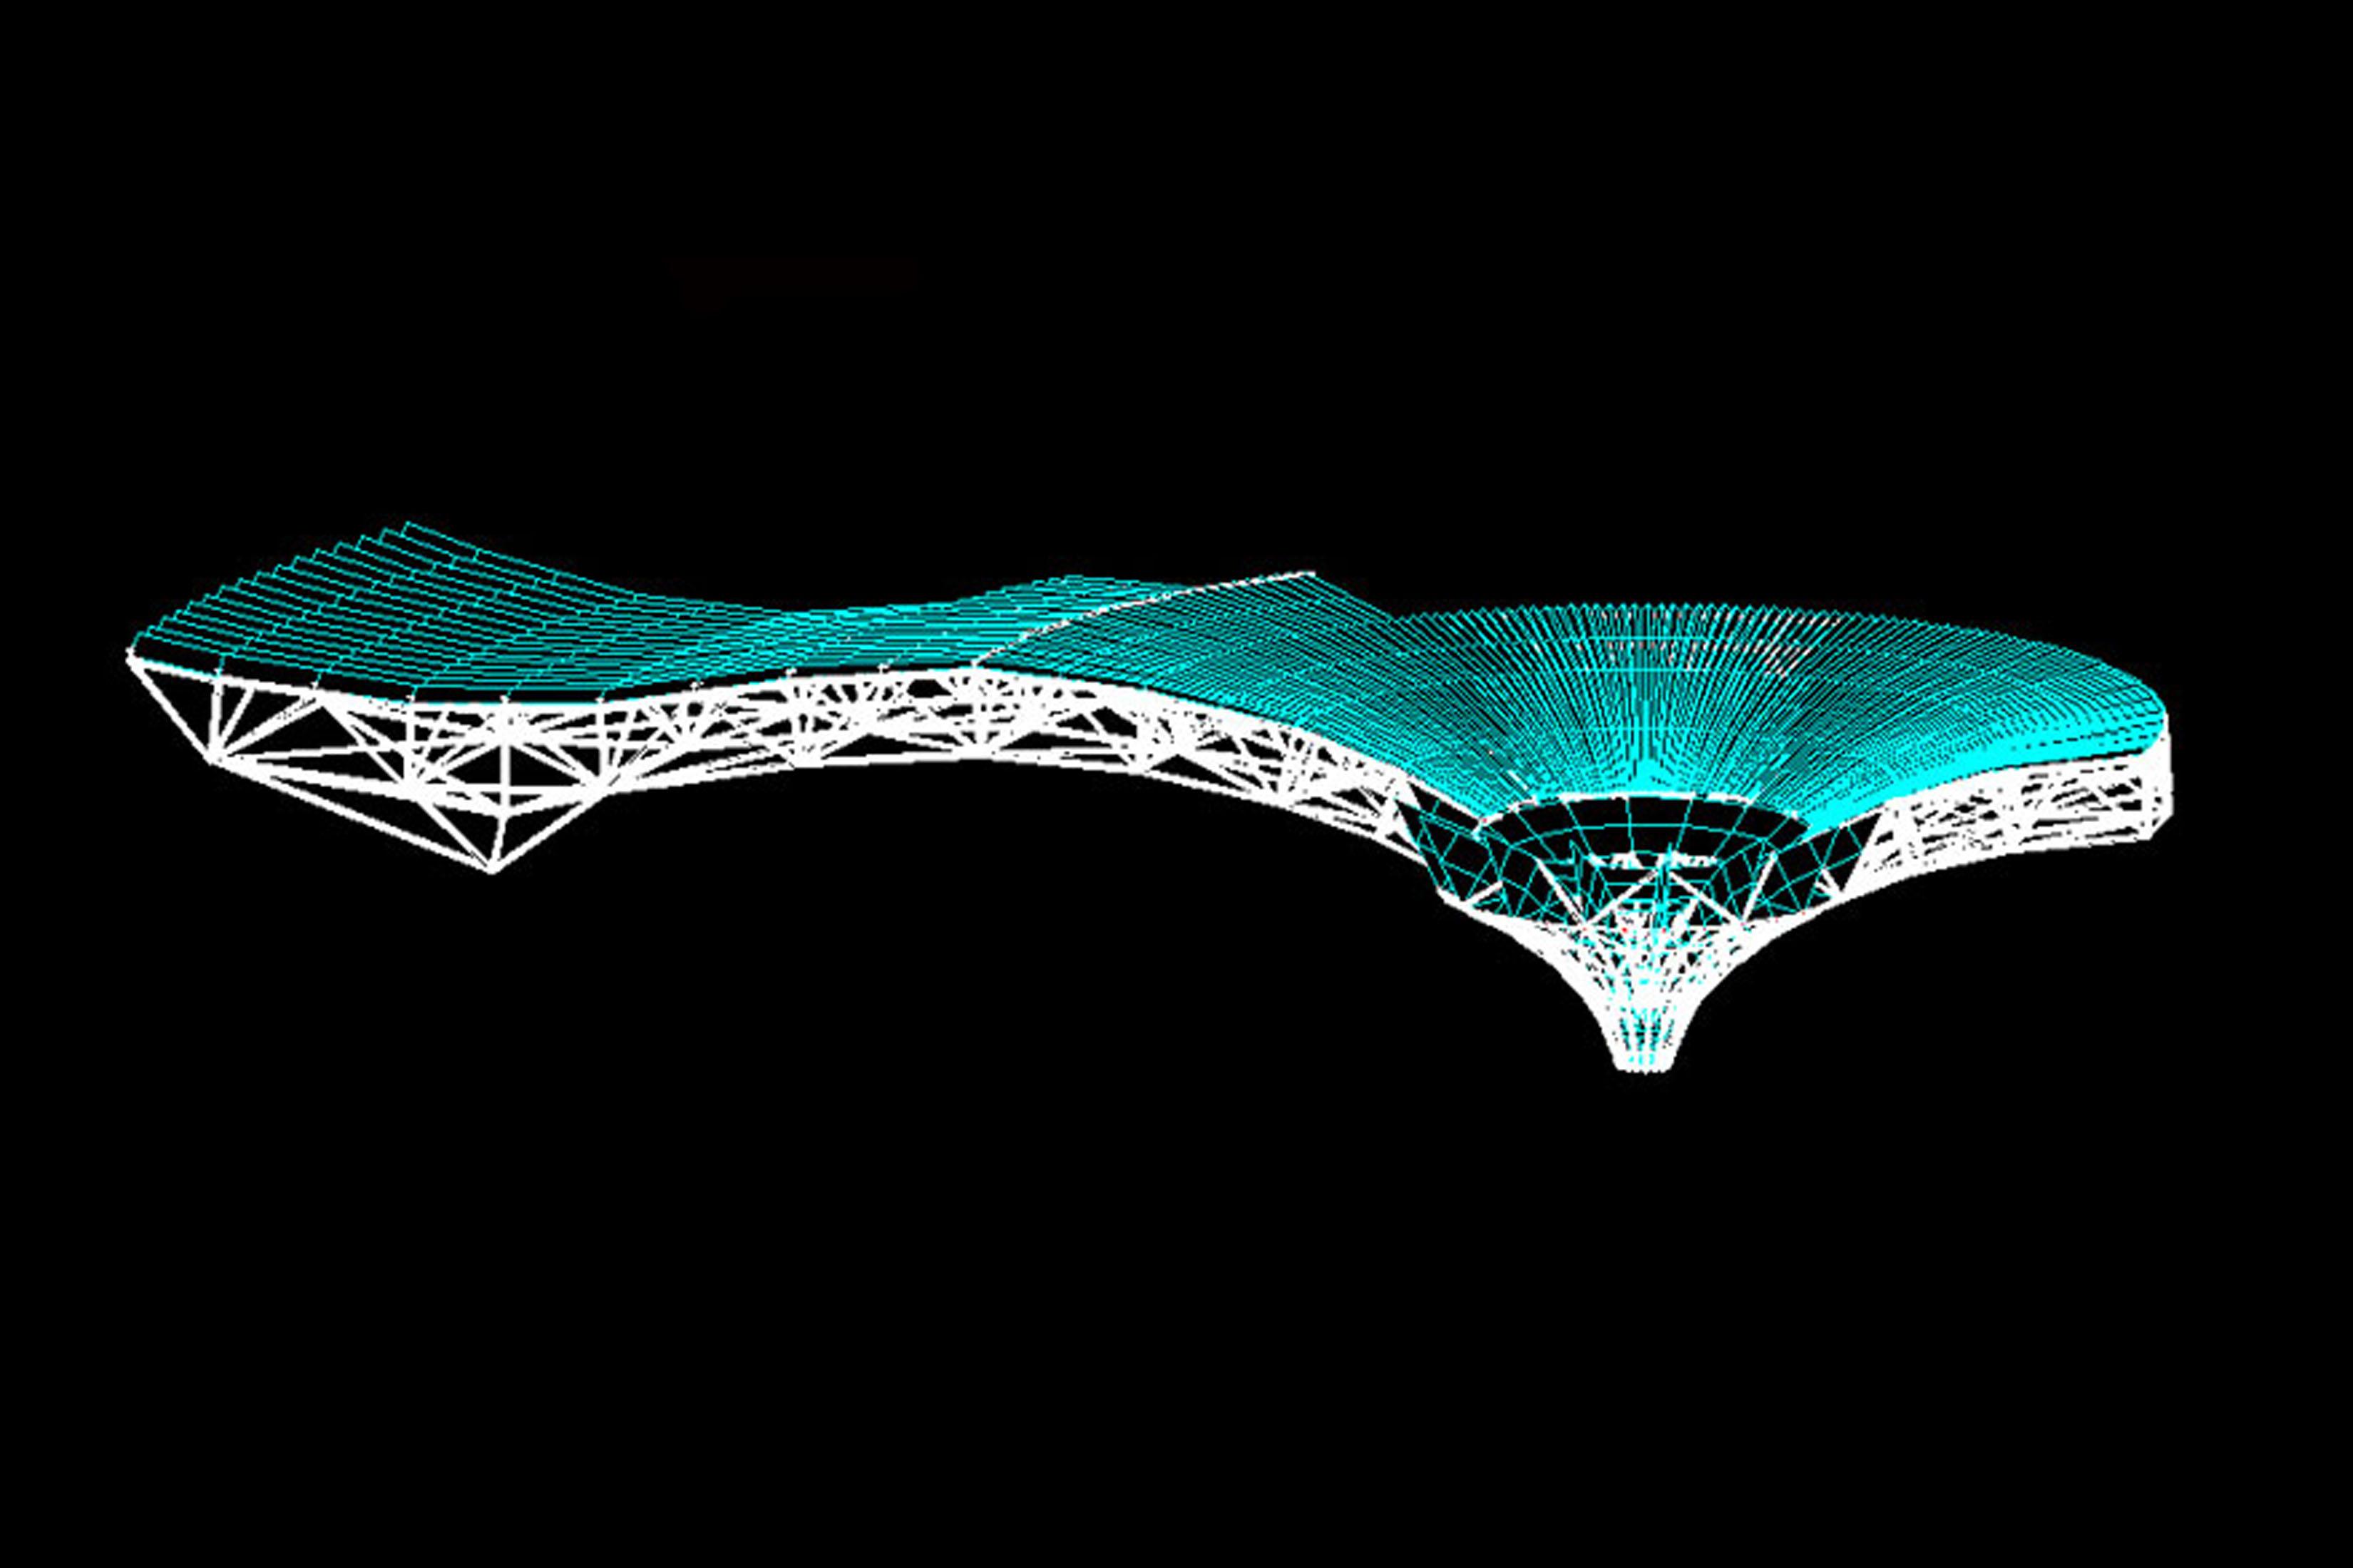 Canopy Rendering 3.jpg